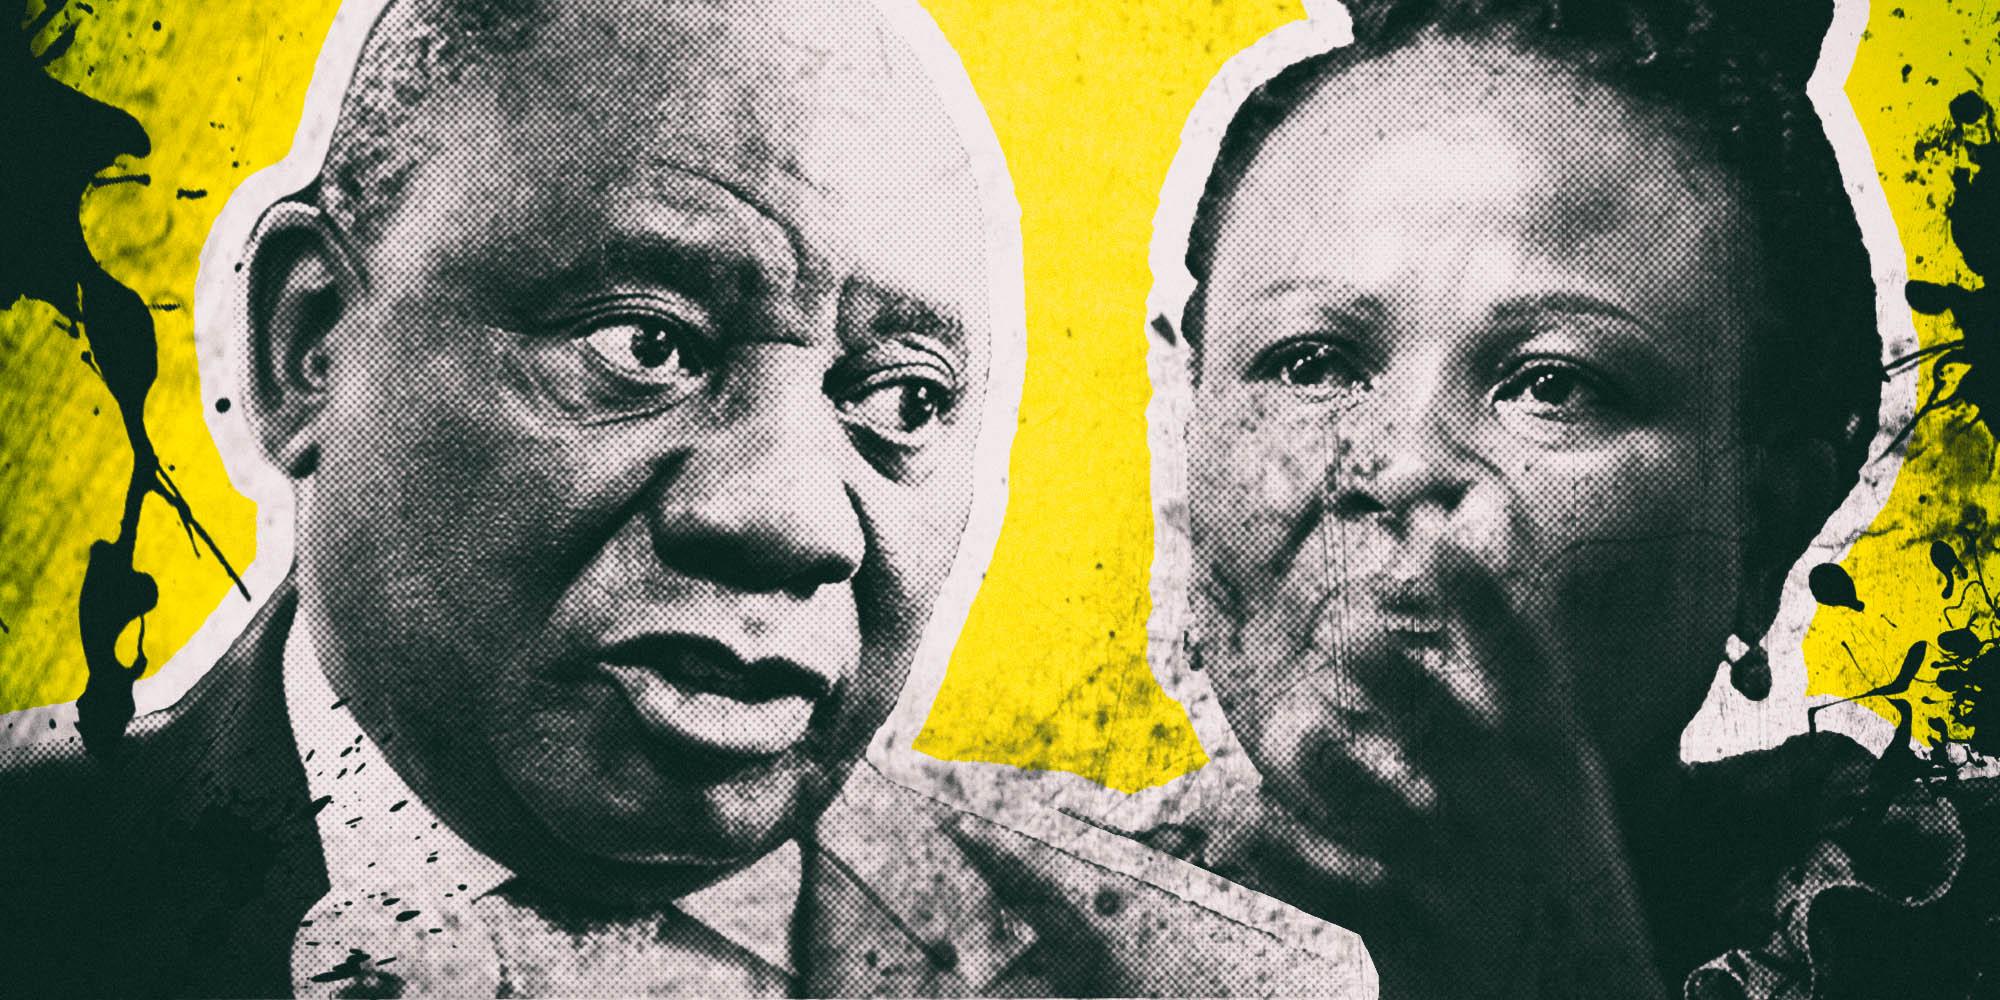 BOSASA VERSLAG UITDAGING: Mkhwebane sal nie Ramaphosa se interdik teenstaan nie, maar dring daarop aan dat sy nie agteruitgaan nie - Daily Maverick